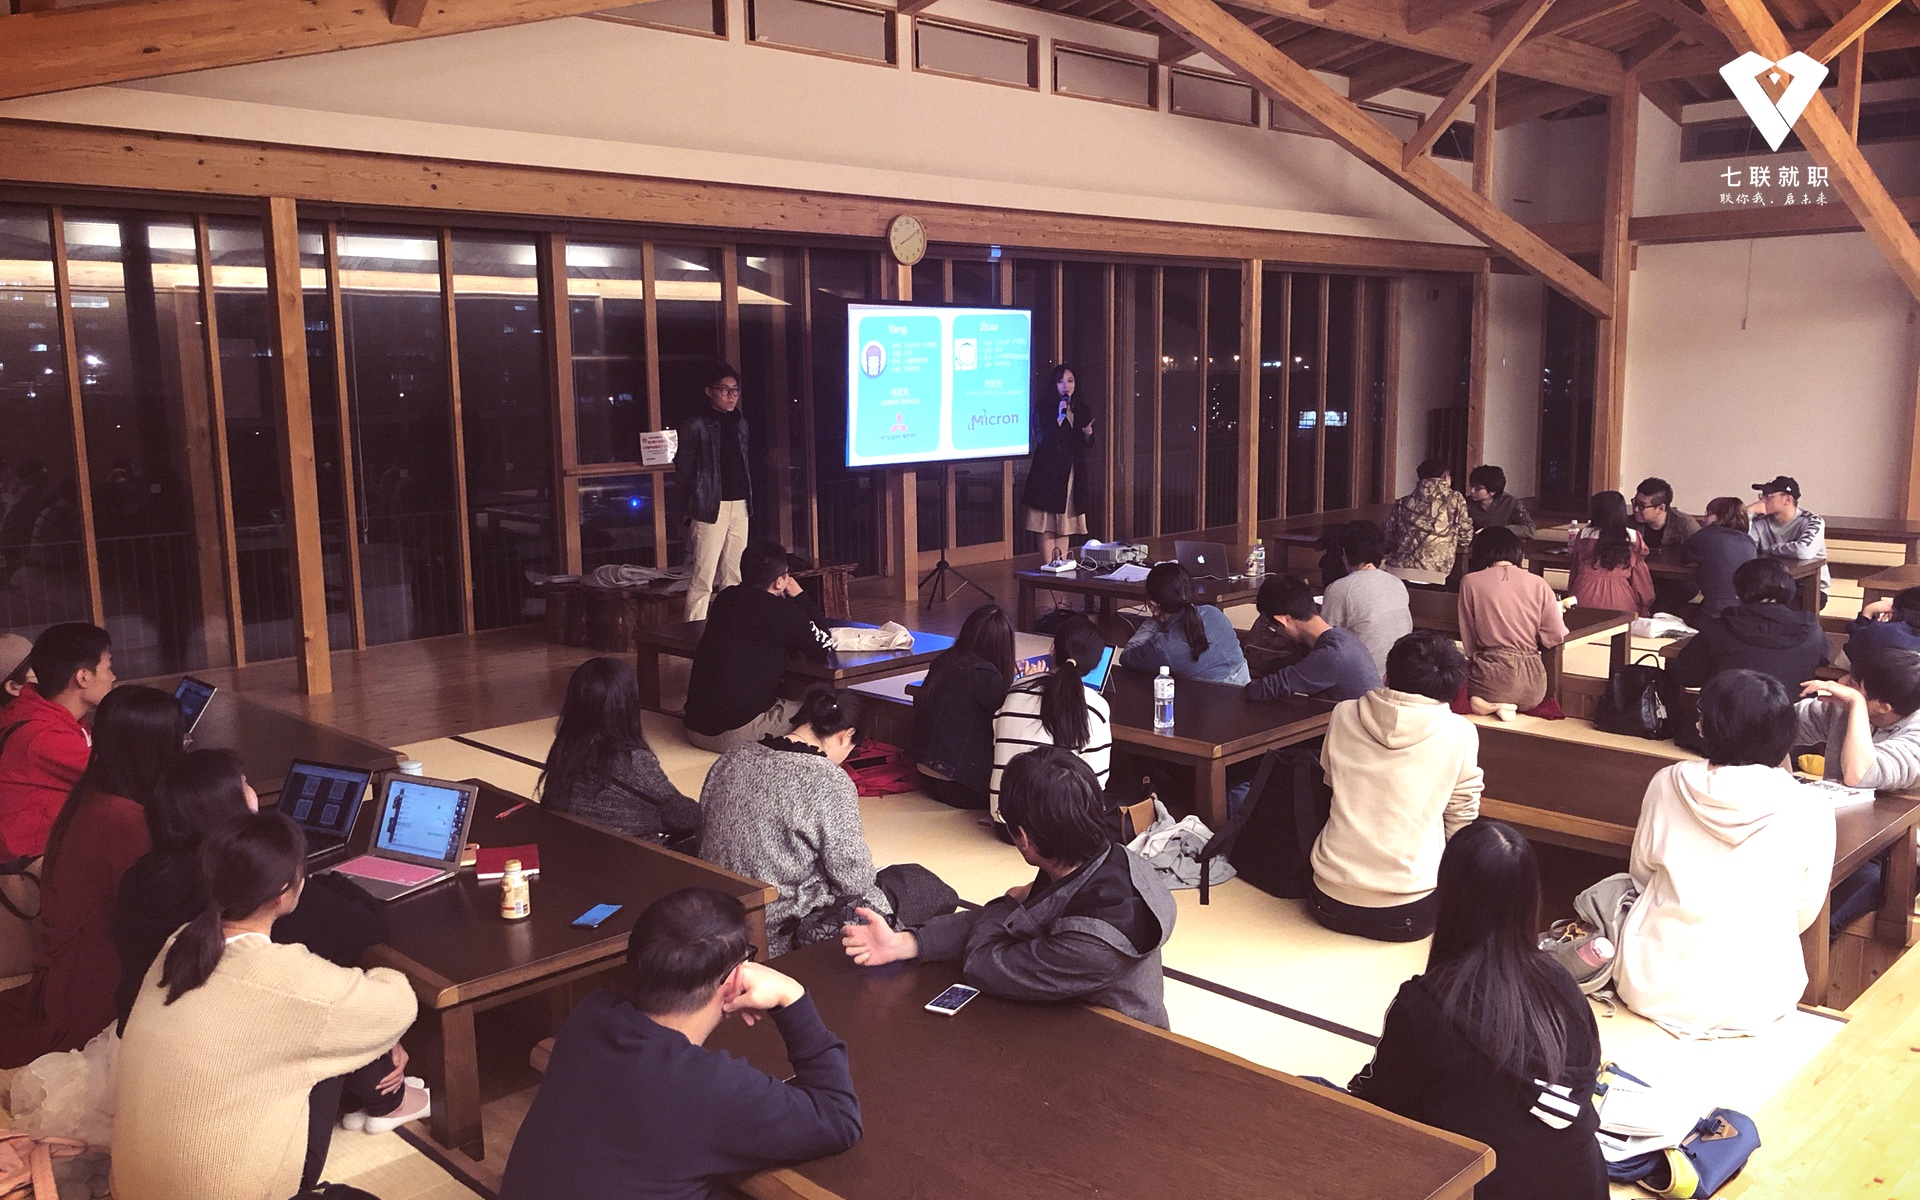 九州大学就职讲座